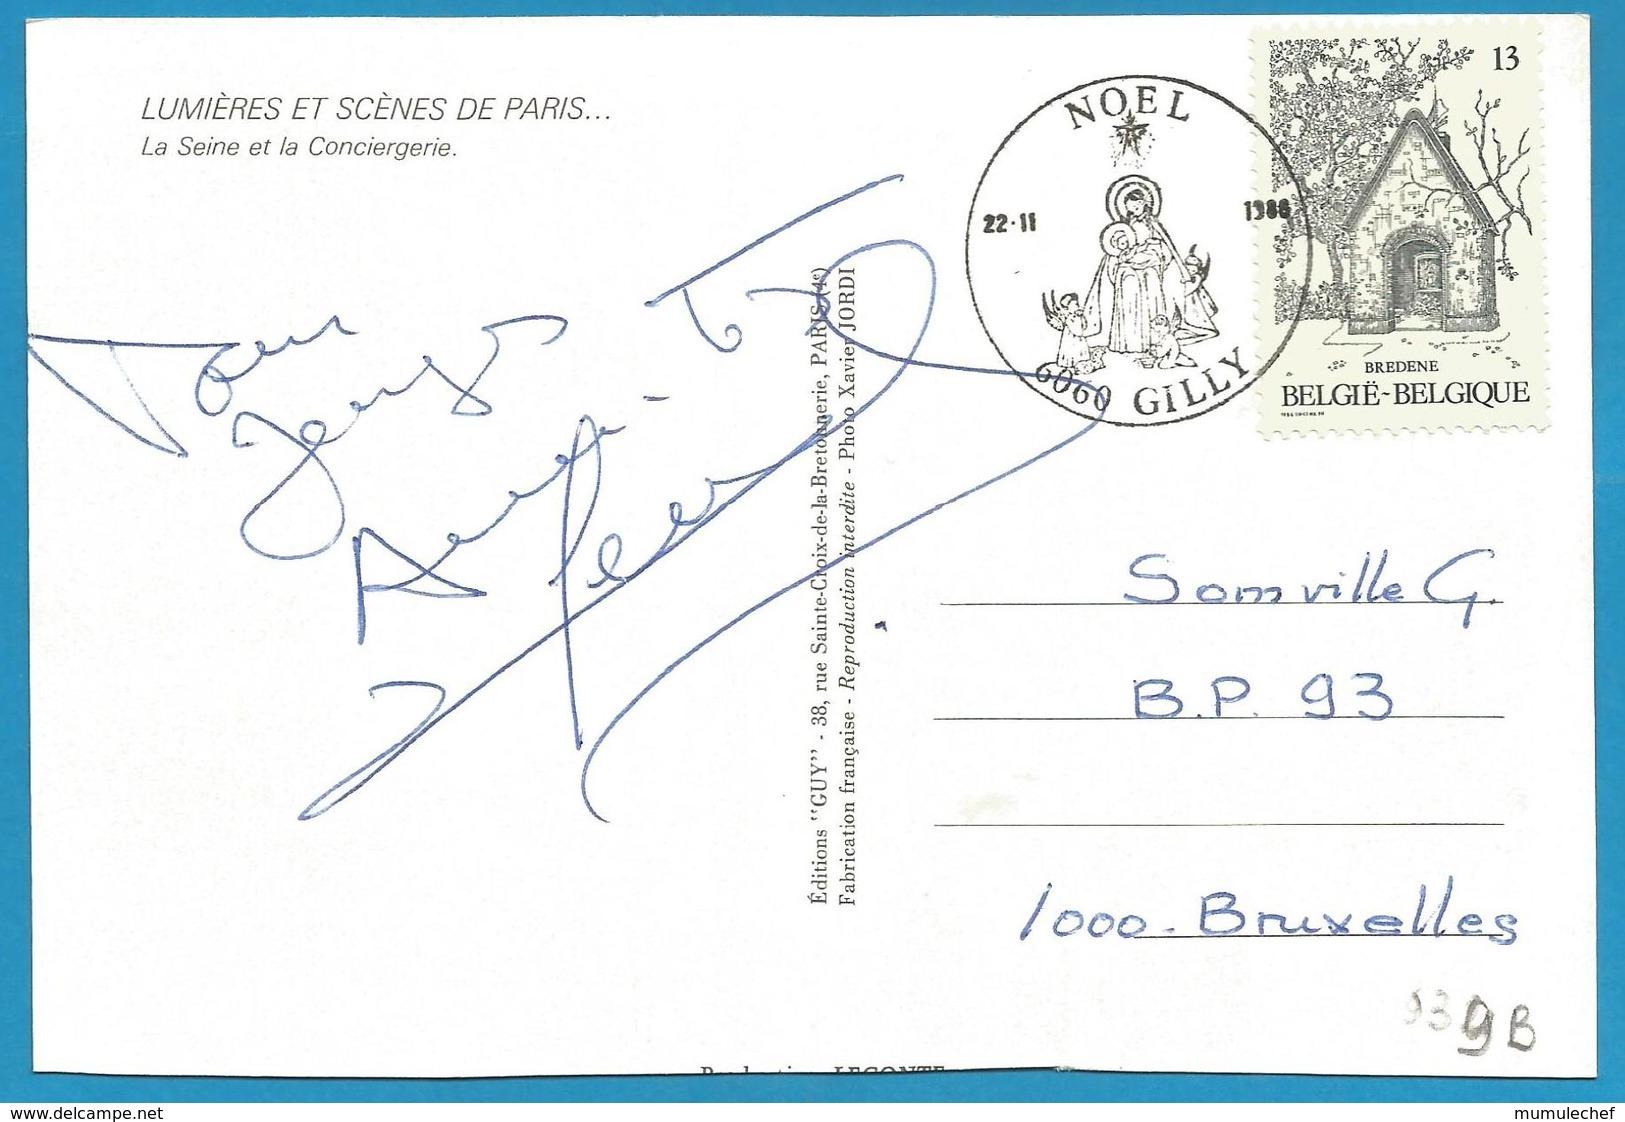 (A939B) - Signature / Dédicace / Autographe Original - Michel SERRAULT - Autographes